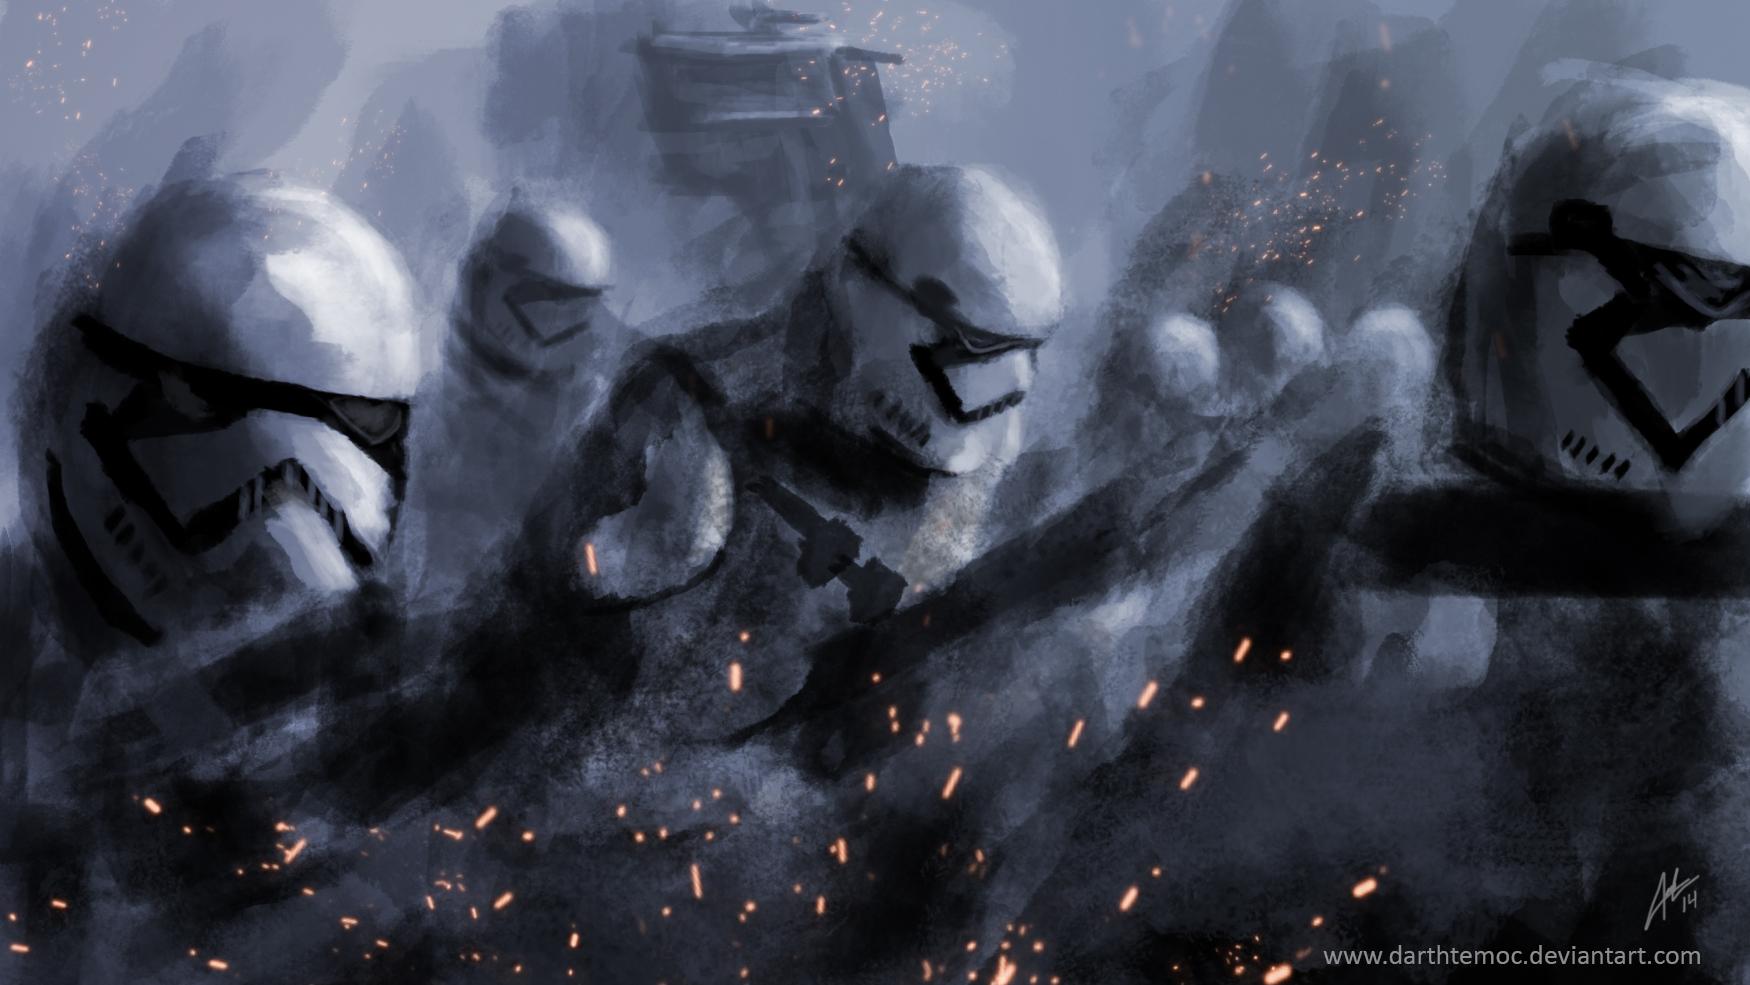 48 Force Awakens Stormtrooper Wallpaper On Wallpapersafari